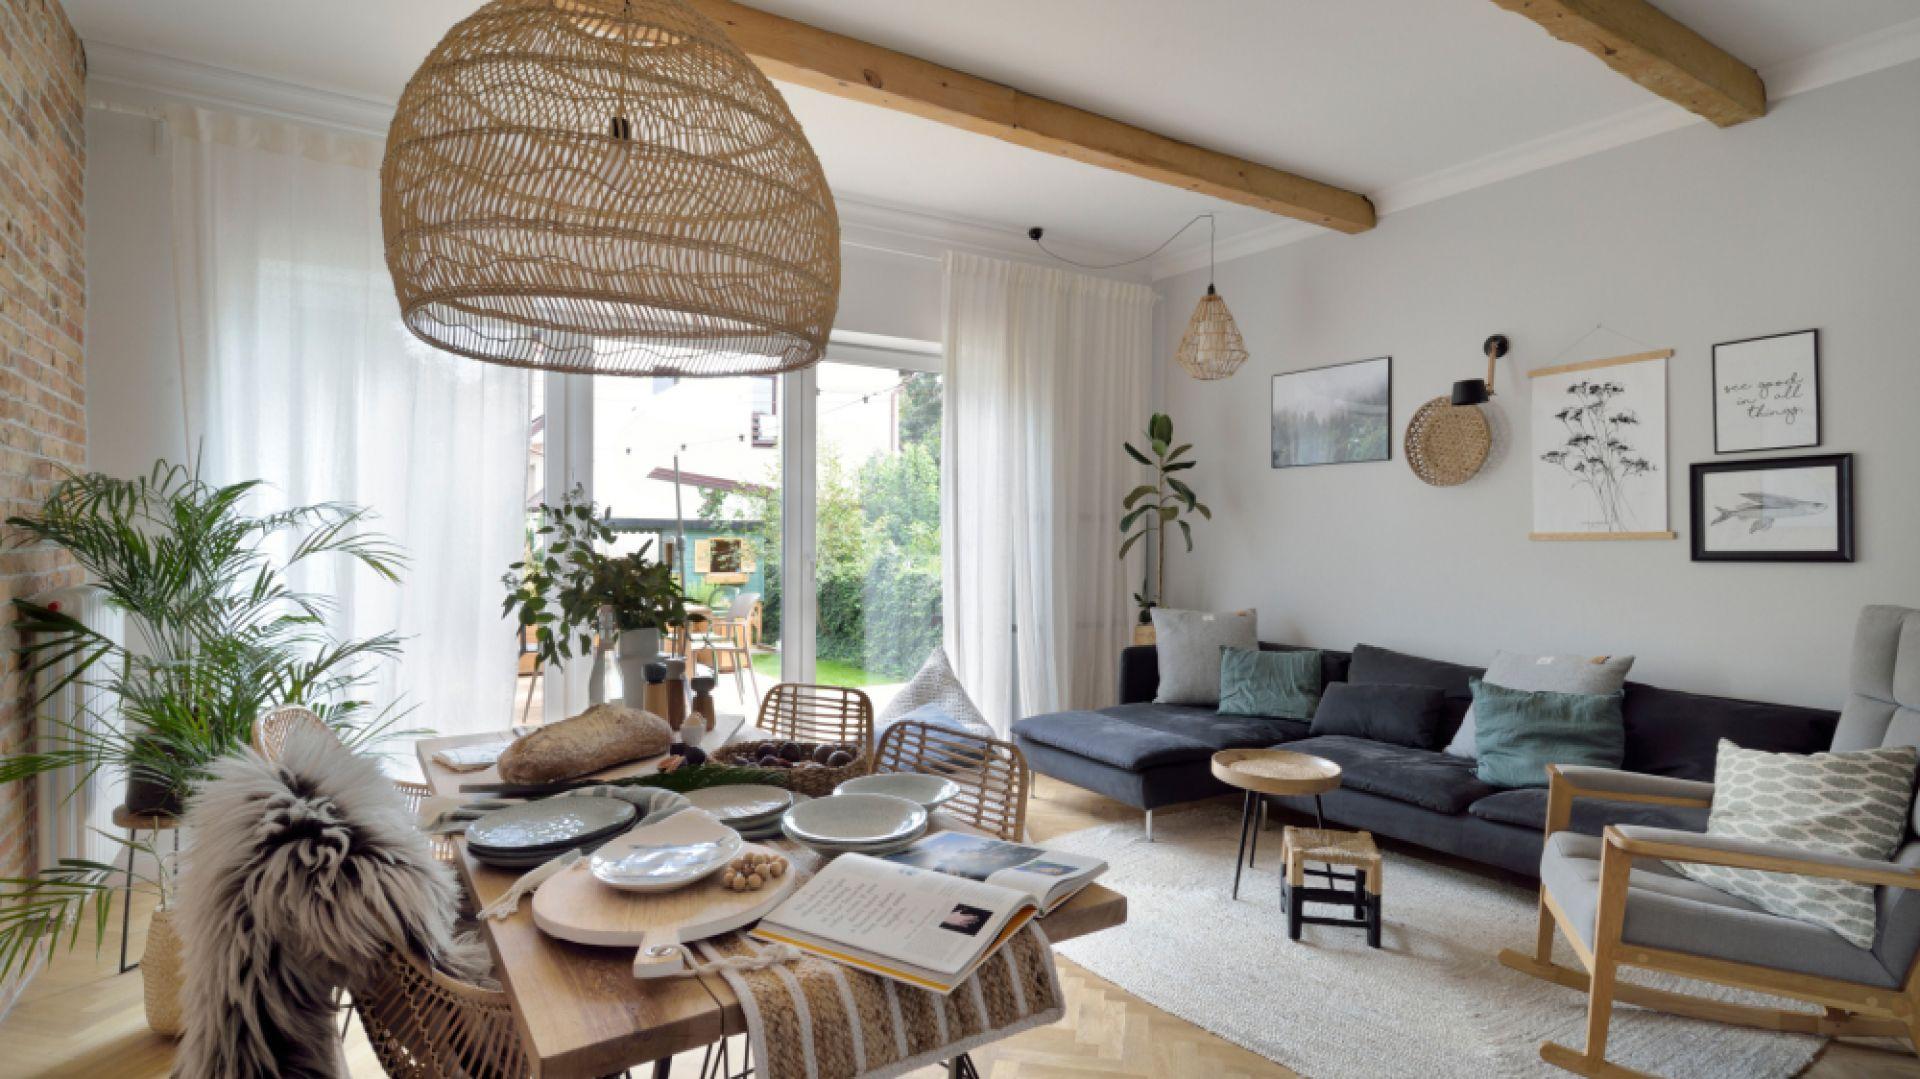 Najpiękniejsze wnętrza 2019. Projekt:  Shoko Design. Fot. Lukasz Nowosadzki / Archilens.pl